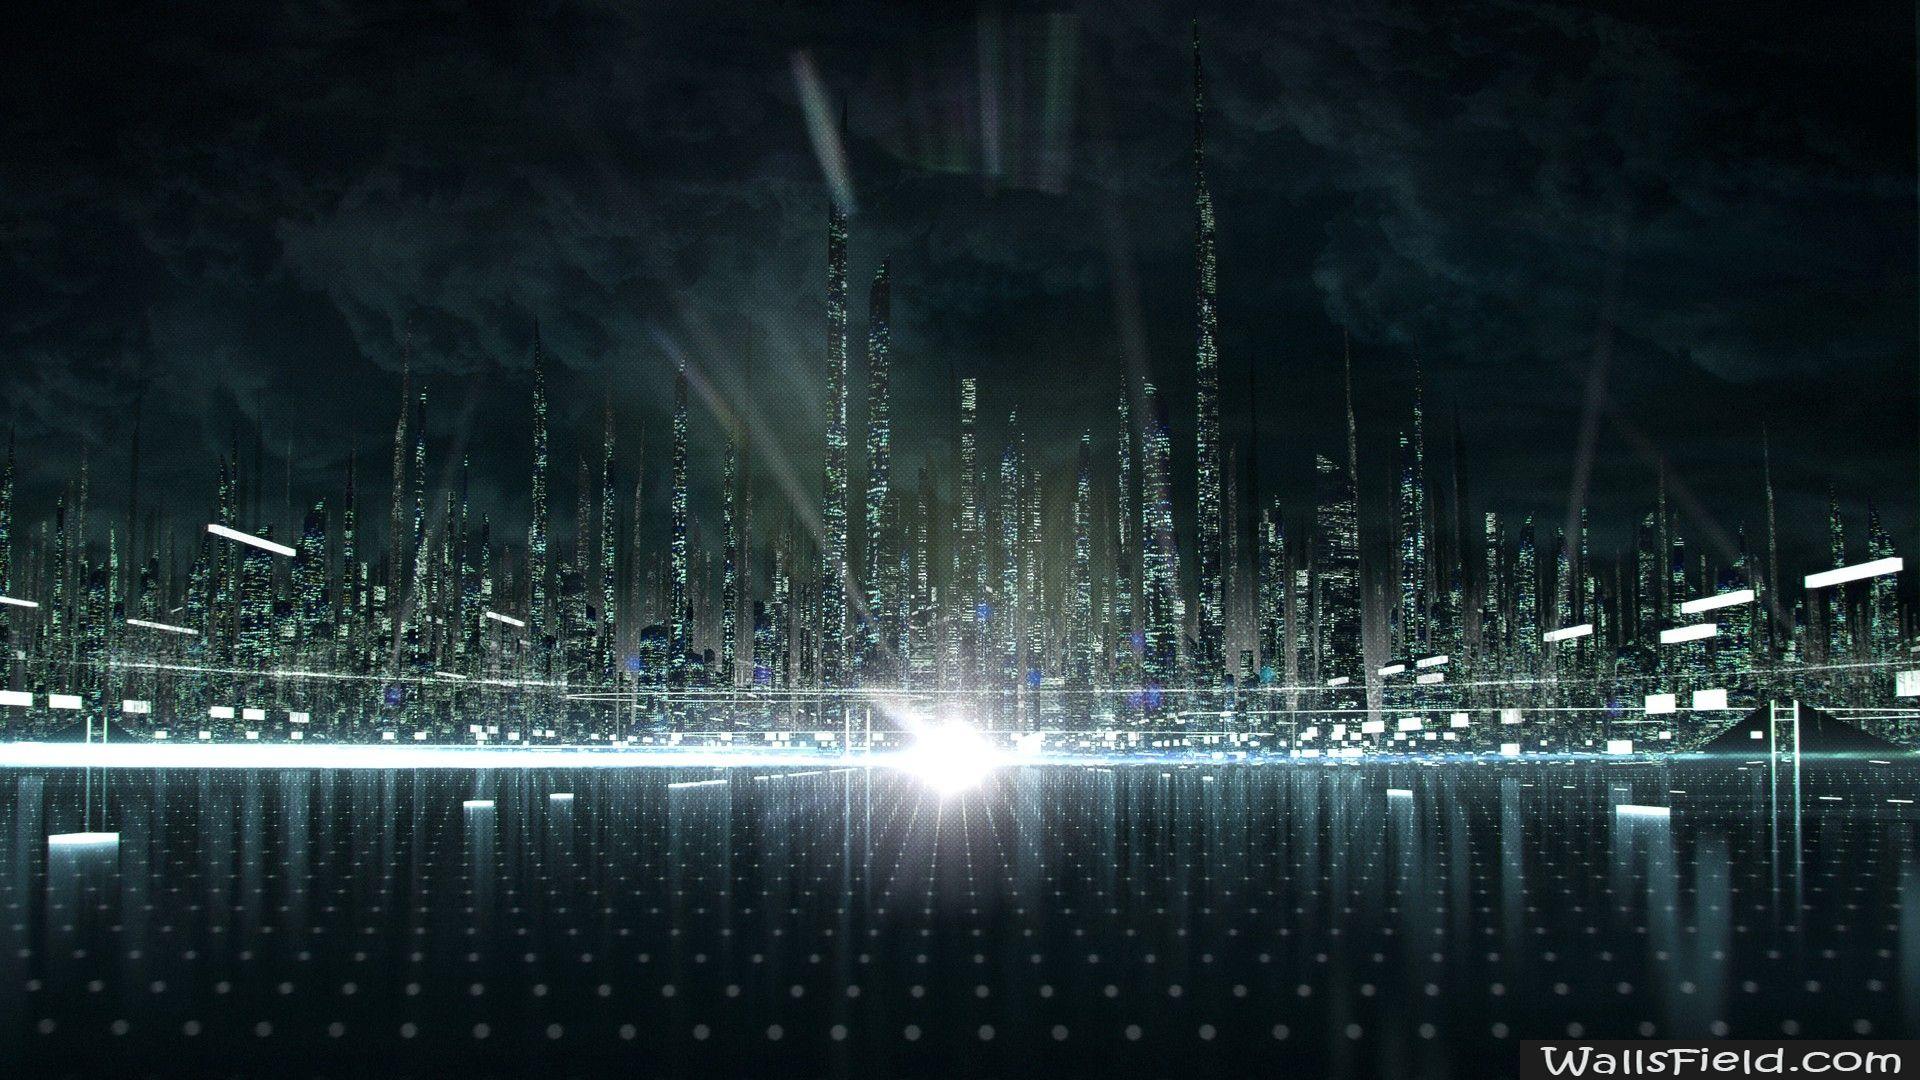 Tron City Hd Desktop Wallpaper High Definition Fullscreen Mobile Tron Legacy Tron Futuristic City